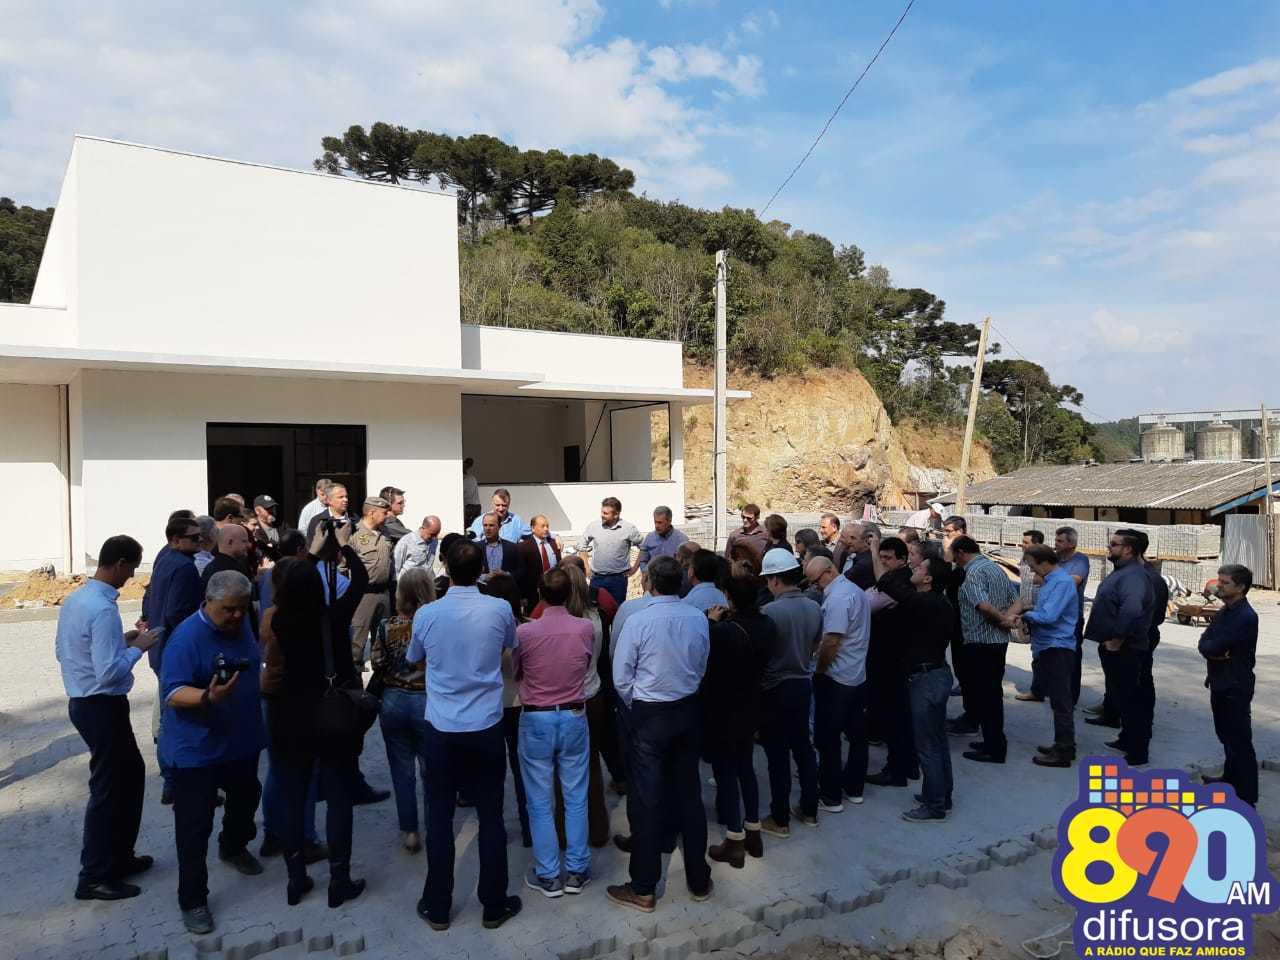 Realizada visita oficial às obras da nova sede do 3º BRBM em Garibaldi